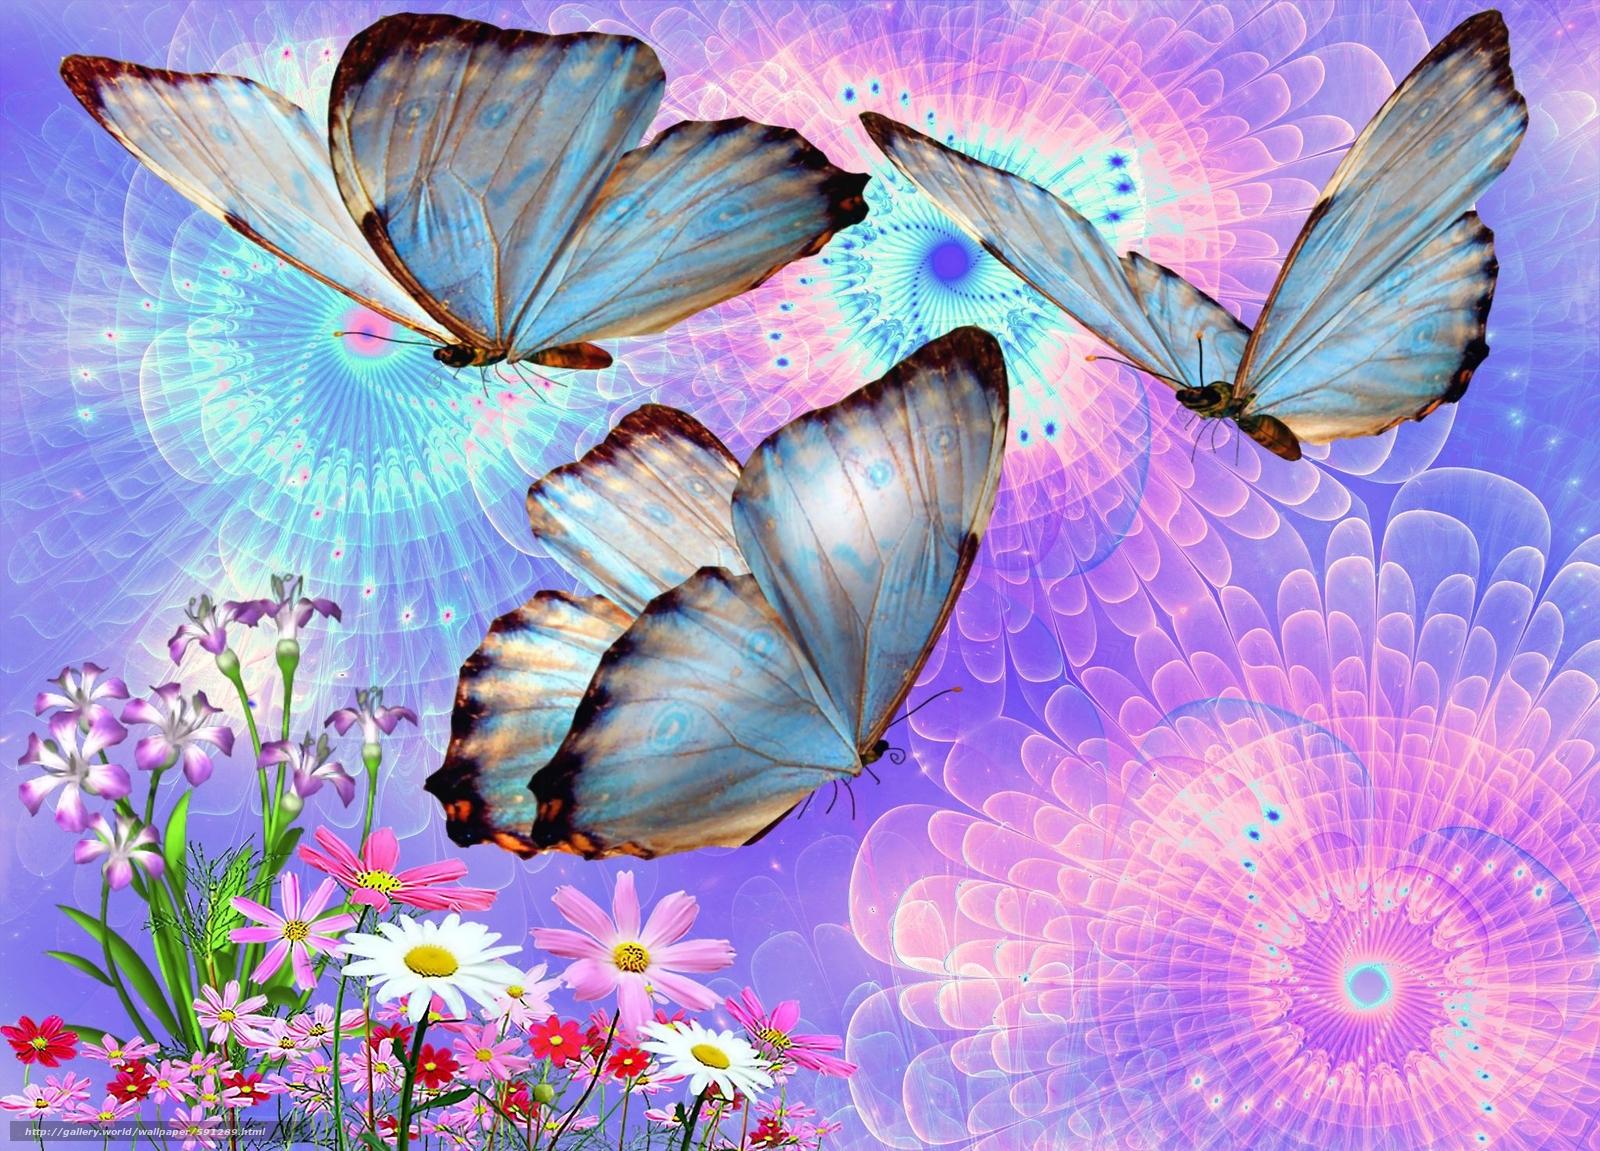 Imagenes Fondo De Escritorio 3d: Descargar Gratis Mariposas, Flores, 3d, Arte Fondos De